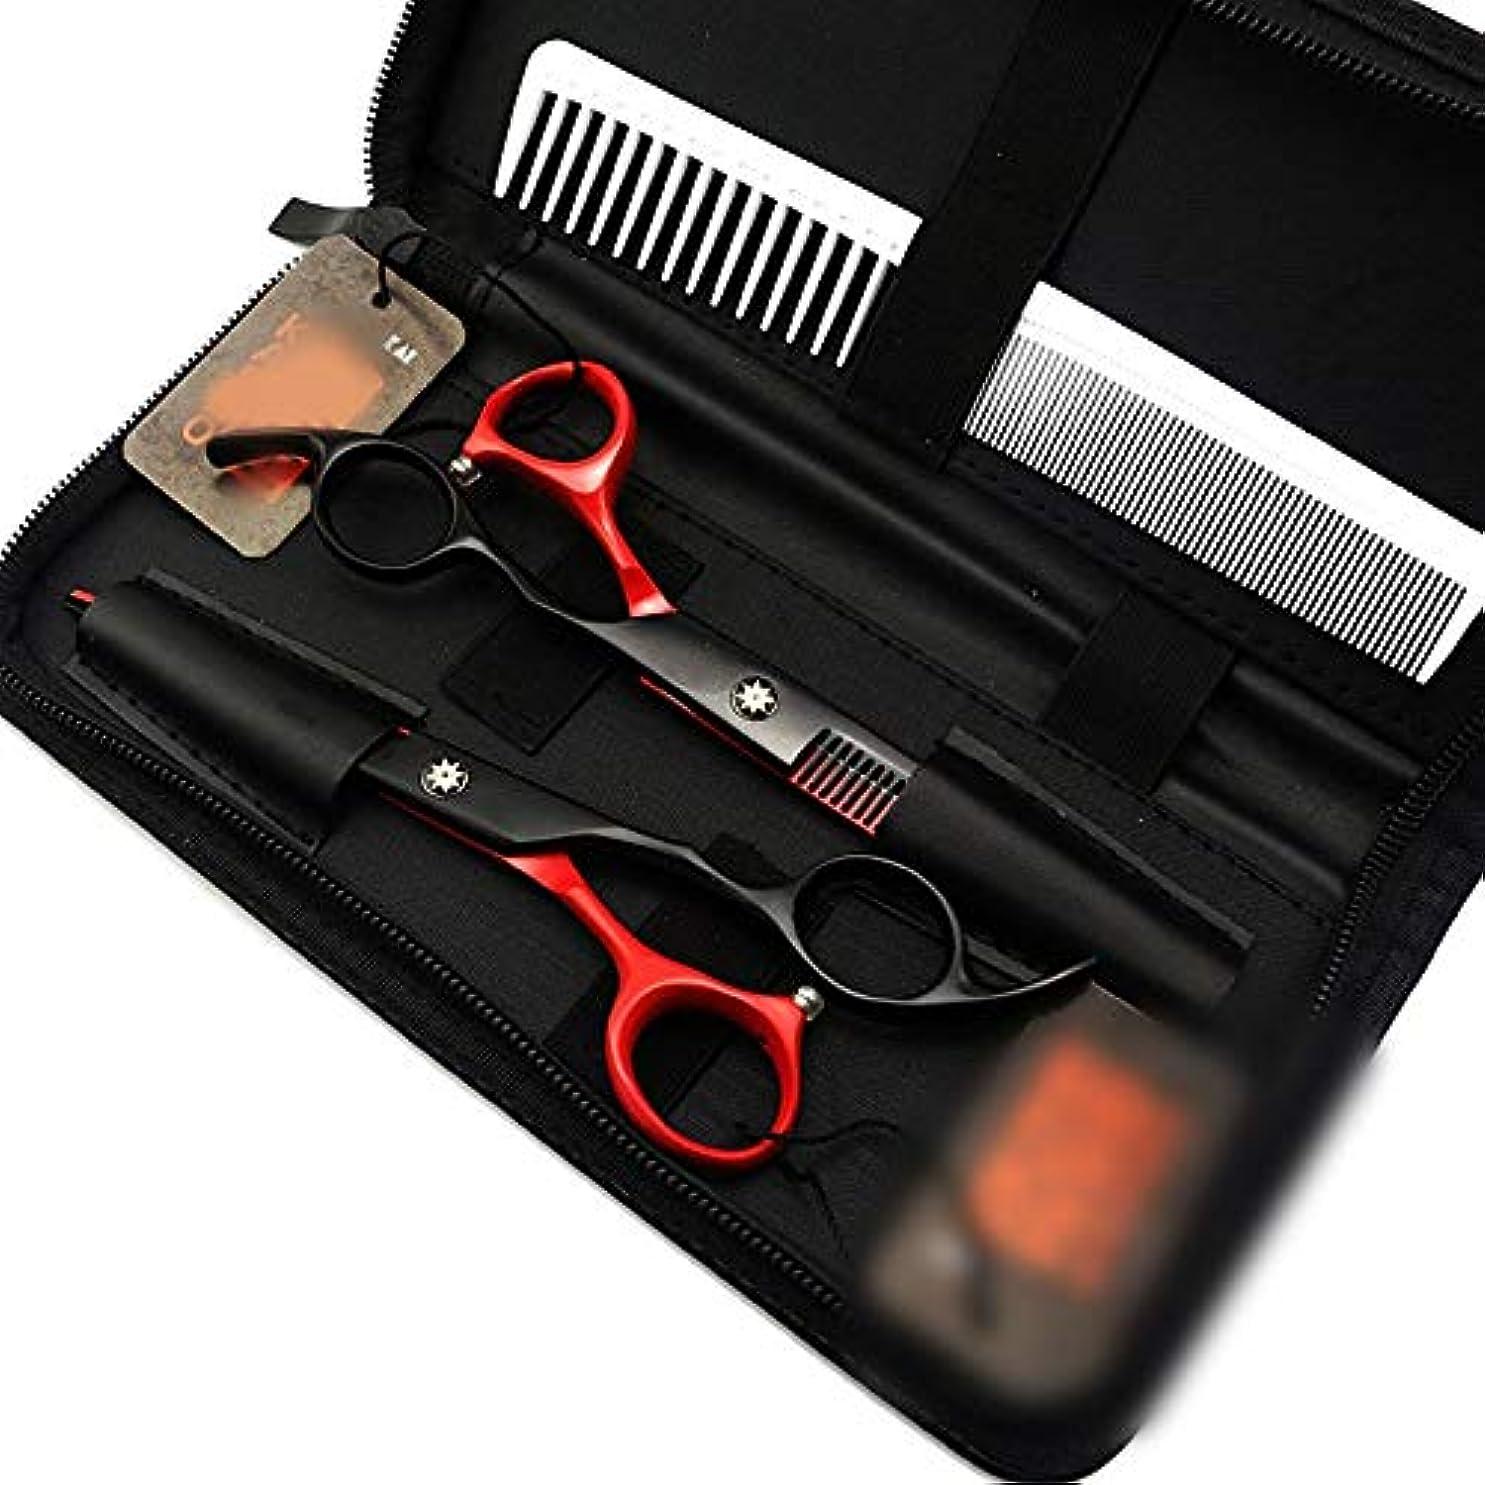 うめき声鍔若者理髪用はさみ 6.0インチ黒赤フラット+歯はさみセット、プロの理髪はさみツールセットヘアカットはさみステンレス理髪はさみ (色 : Black red)